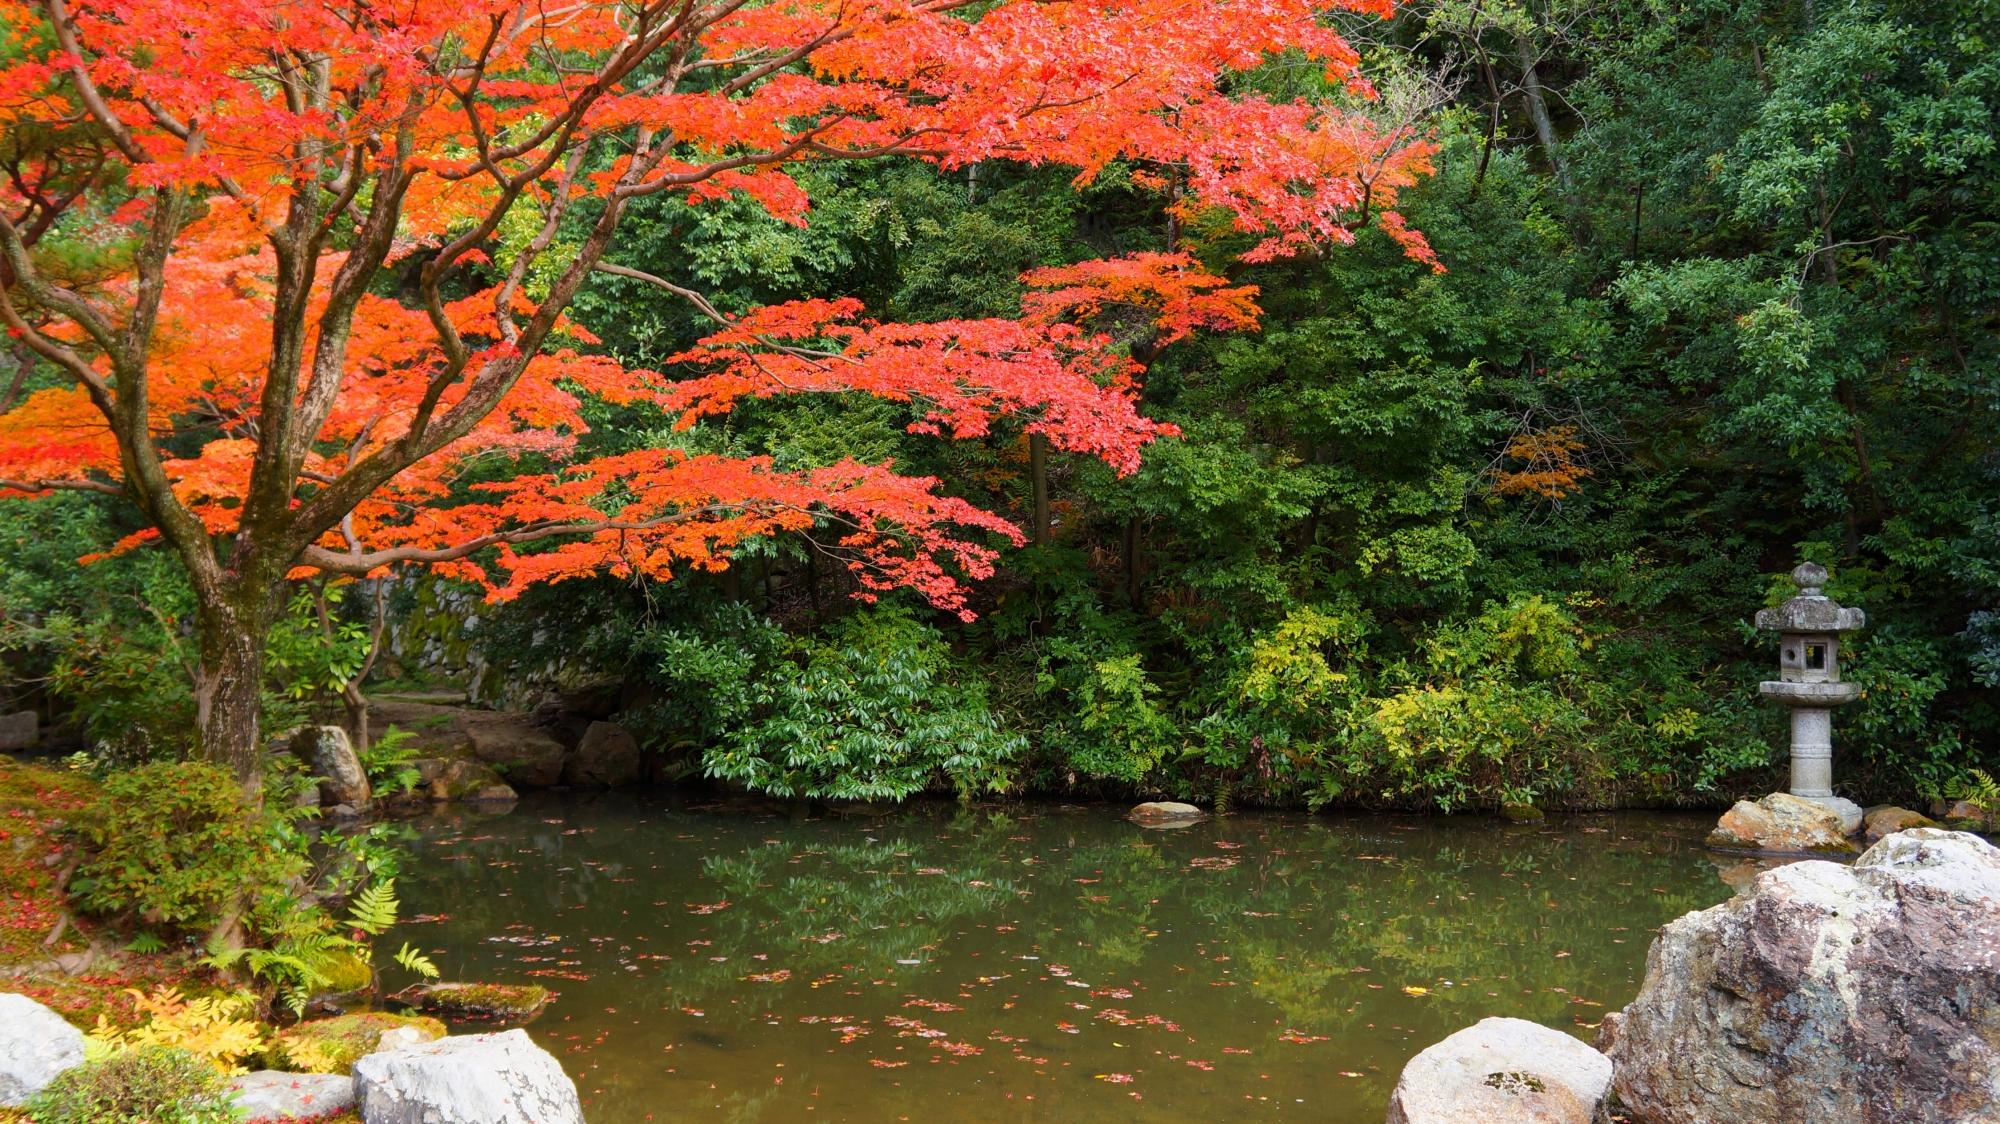 水辺と緑を彩る燈籠が演出する優雅な紅葉